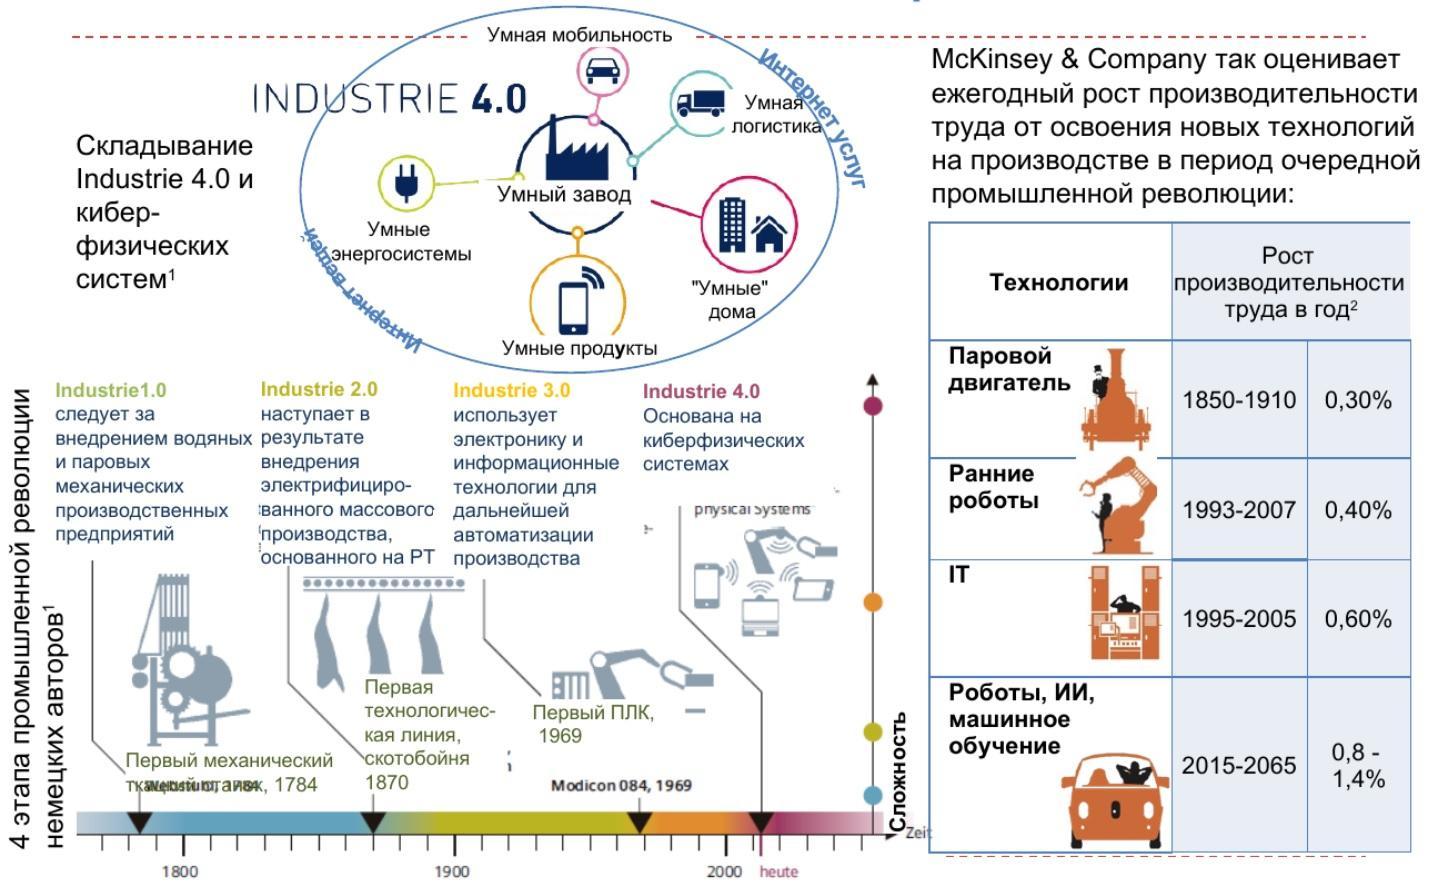 индустрия 4 и производительность труда на основе новых технологий